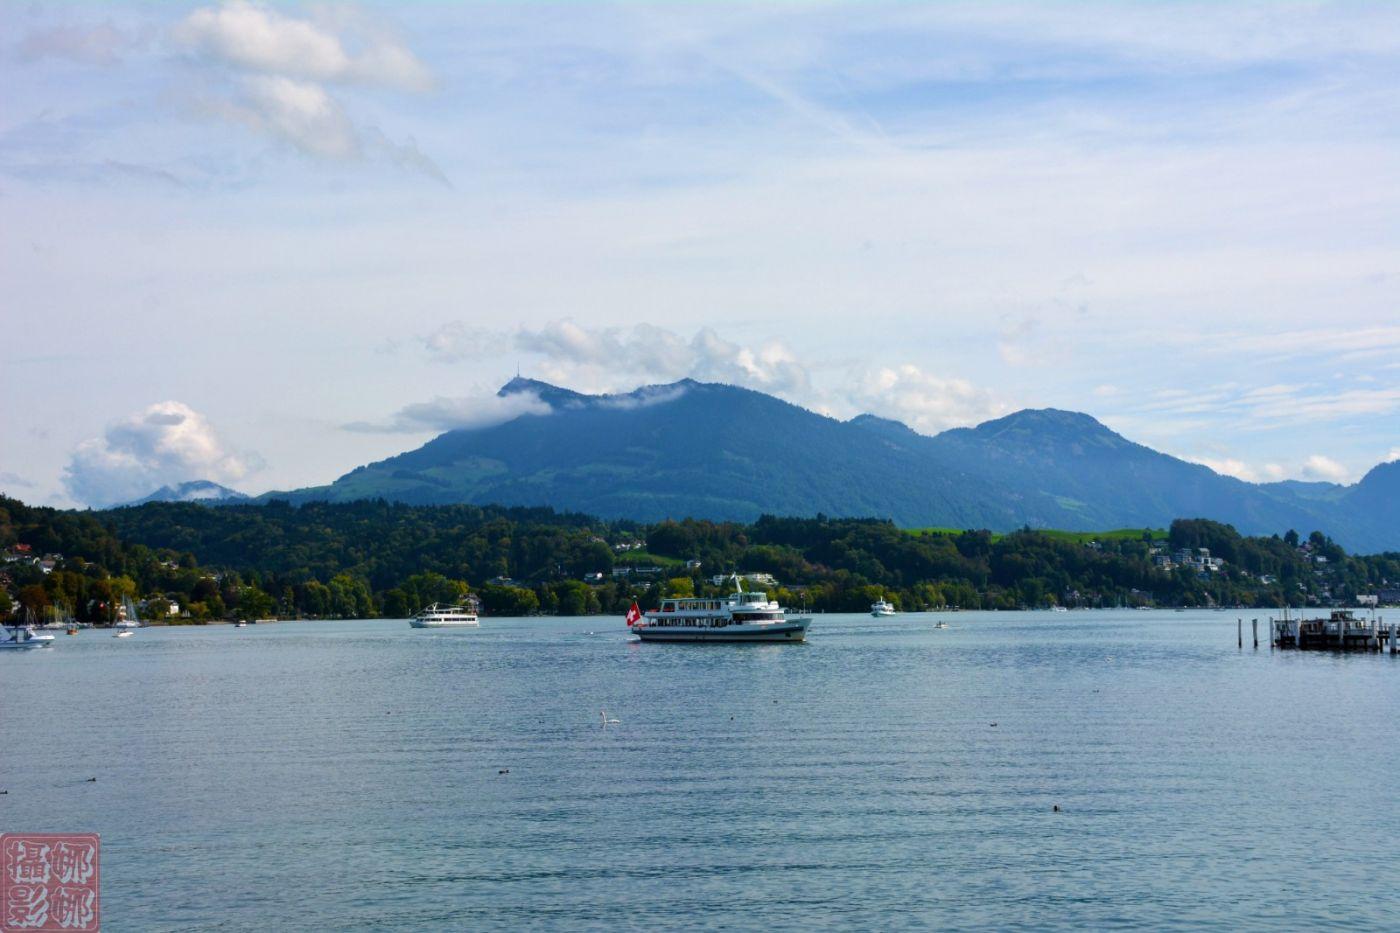 瑞士卢塞恩湖畔风光(一)_图1-12